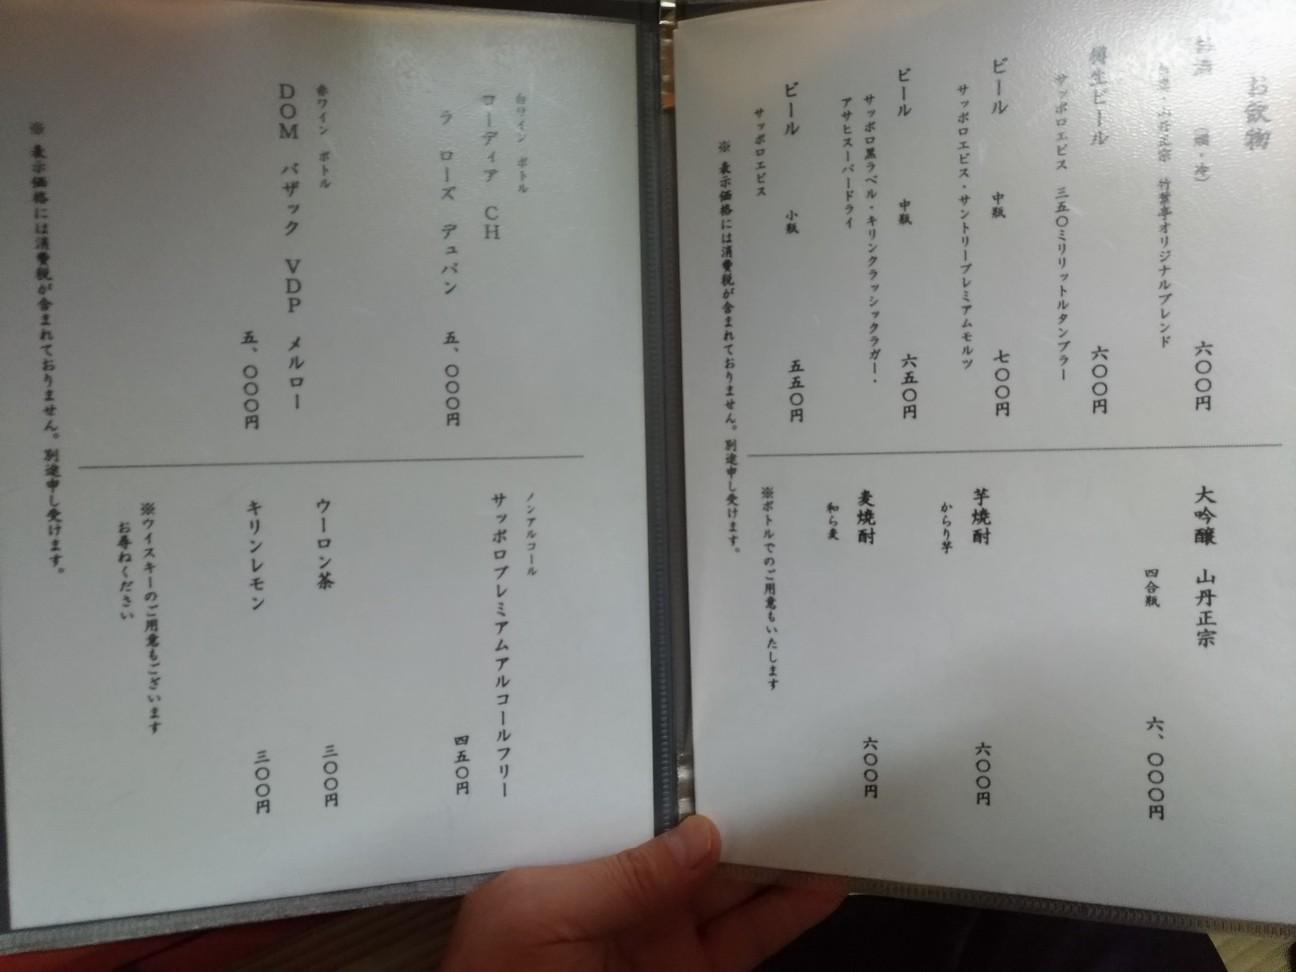 f:id:HKT1989:20200105234025j:plain